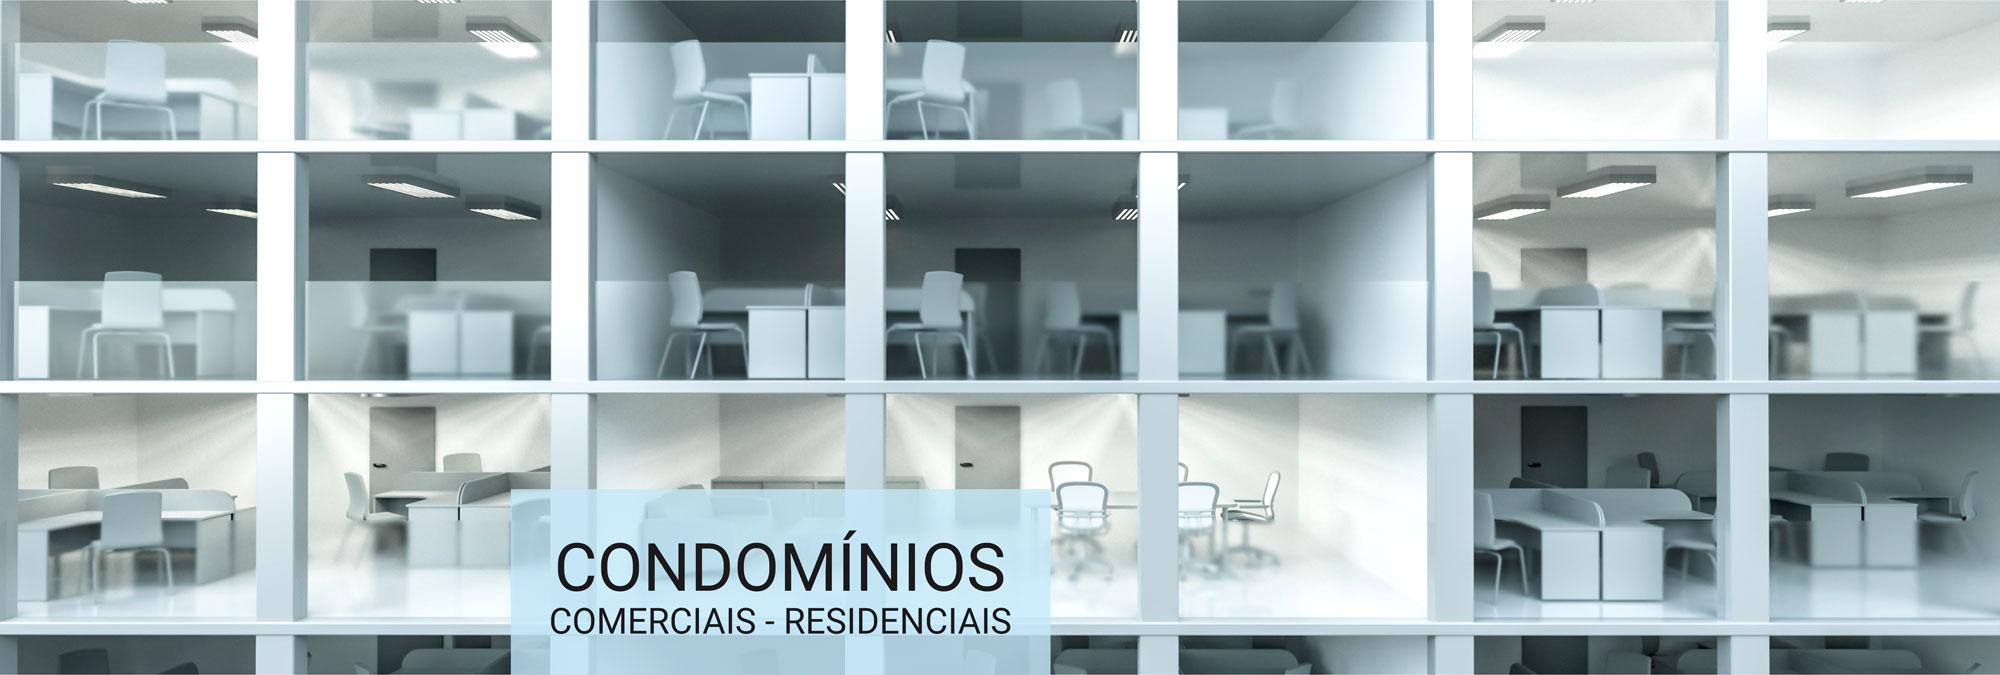 Condomínios O2Led